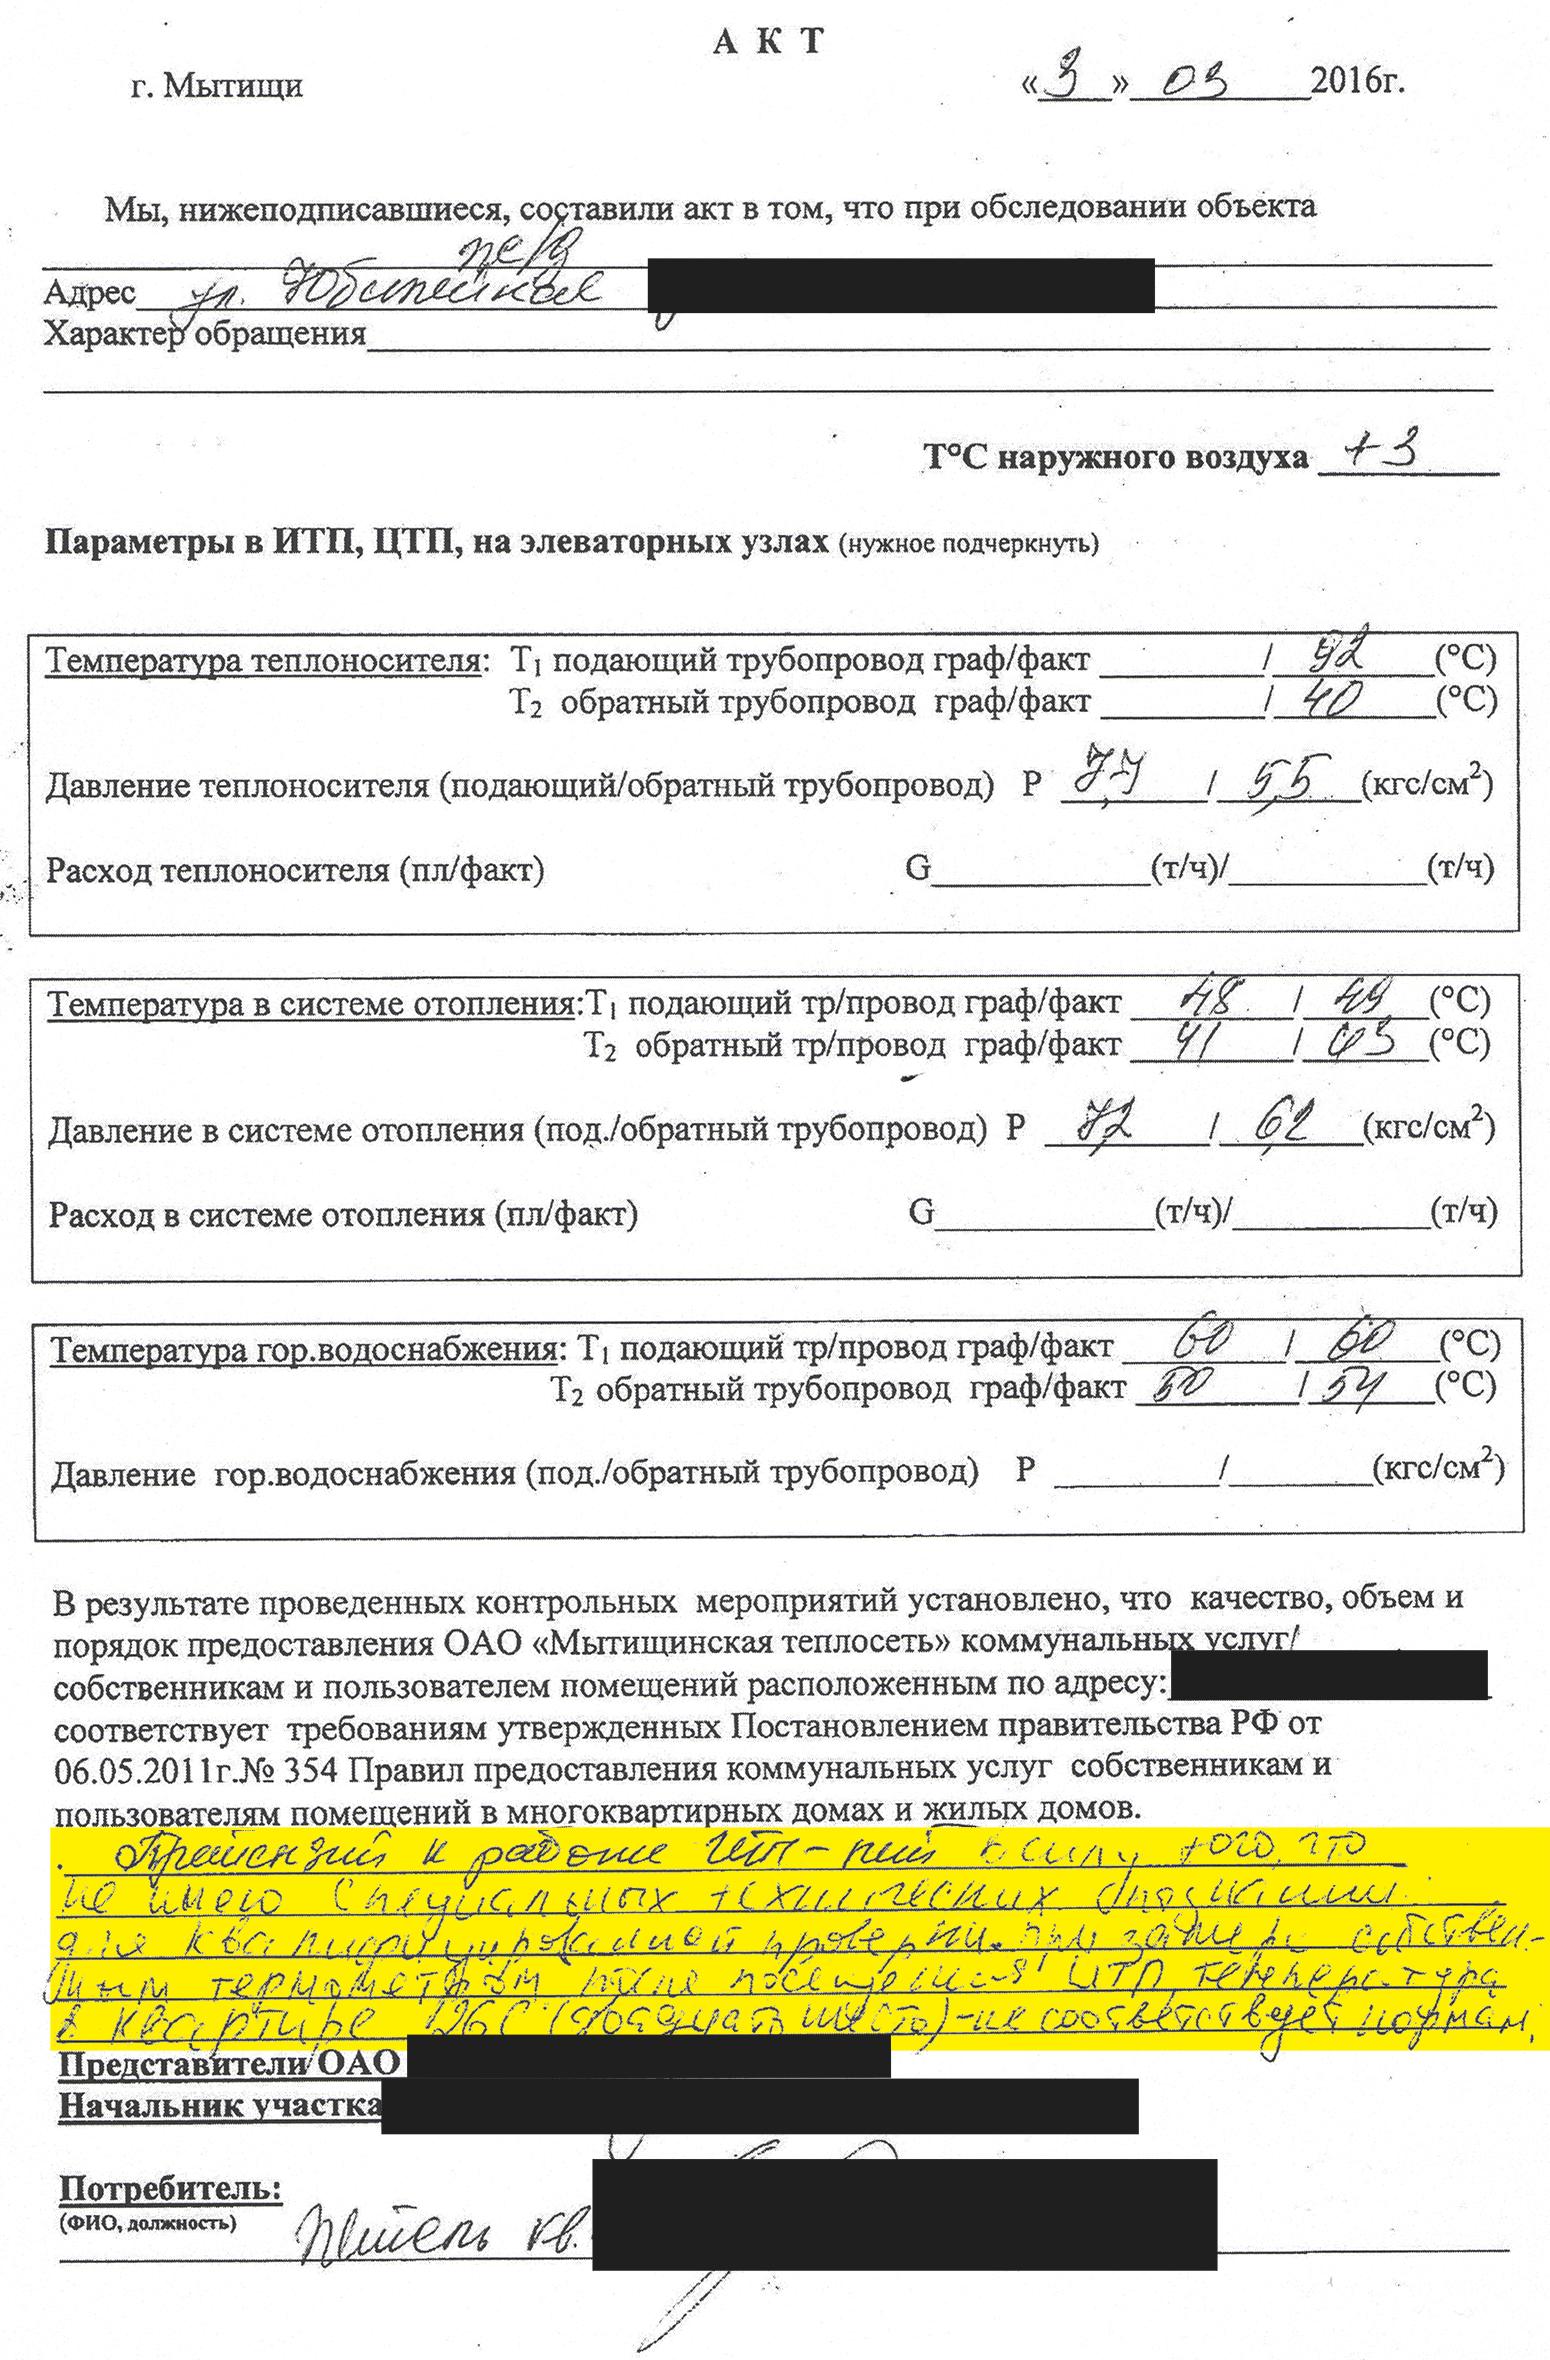 В акте об осмотре теплового пункта работники тепловой сети заранее написали за меня: «Претензий к работе ИТП — нет». Я своей рукой добавил то, что счел нужным